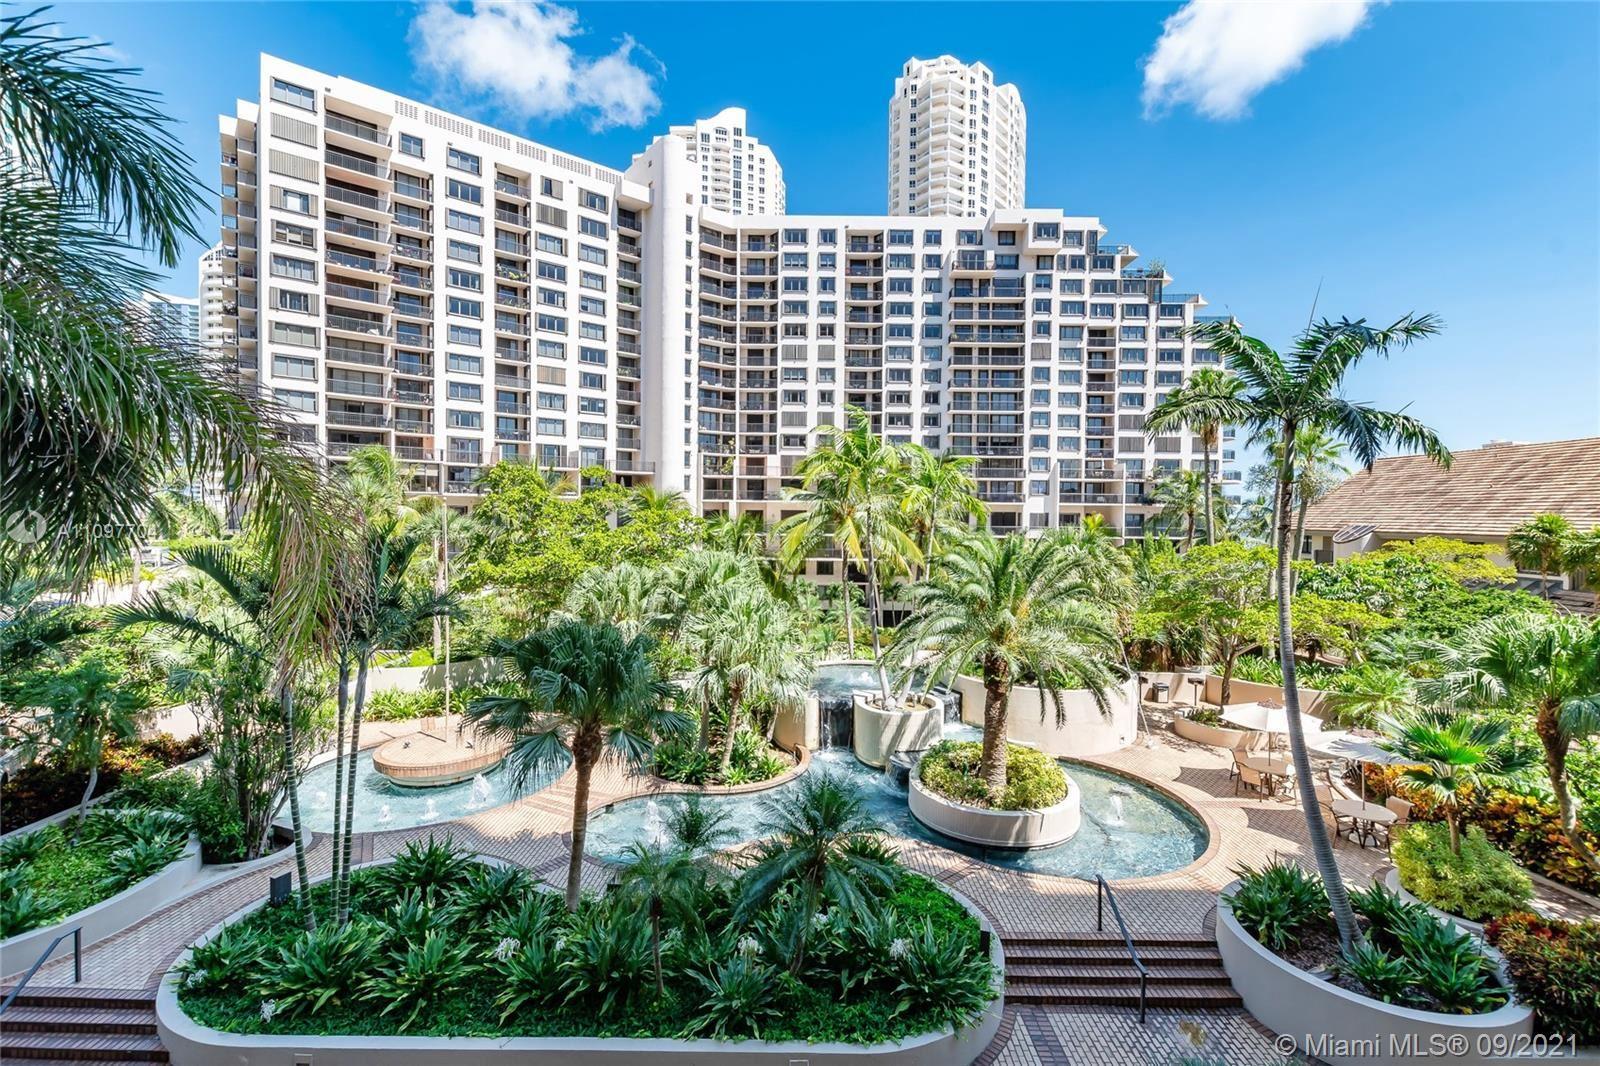 520 Brickell Key Dr #A502, Miami, FL 33131 - #: A11097704